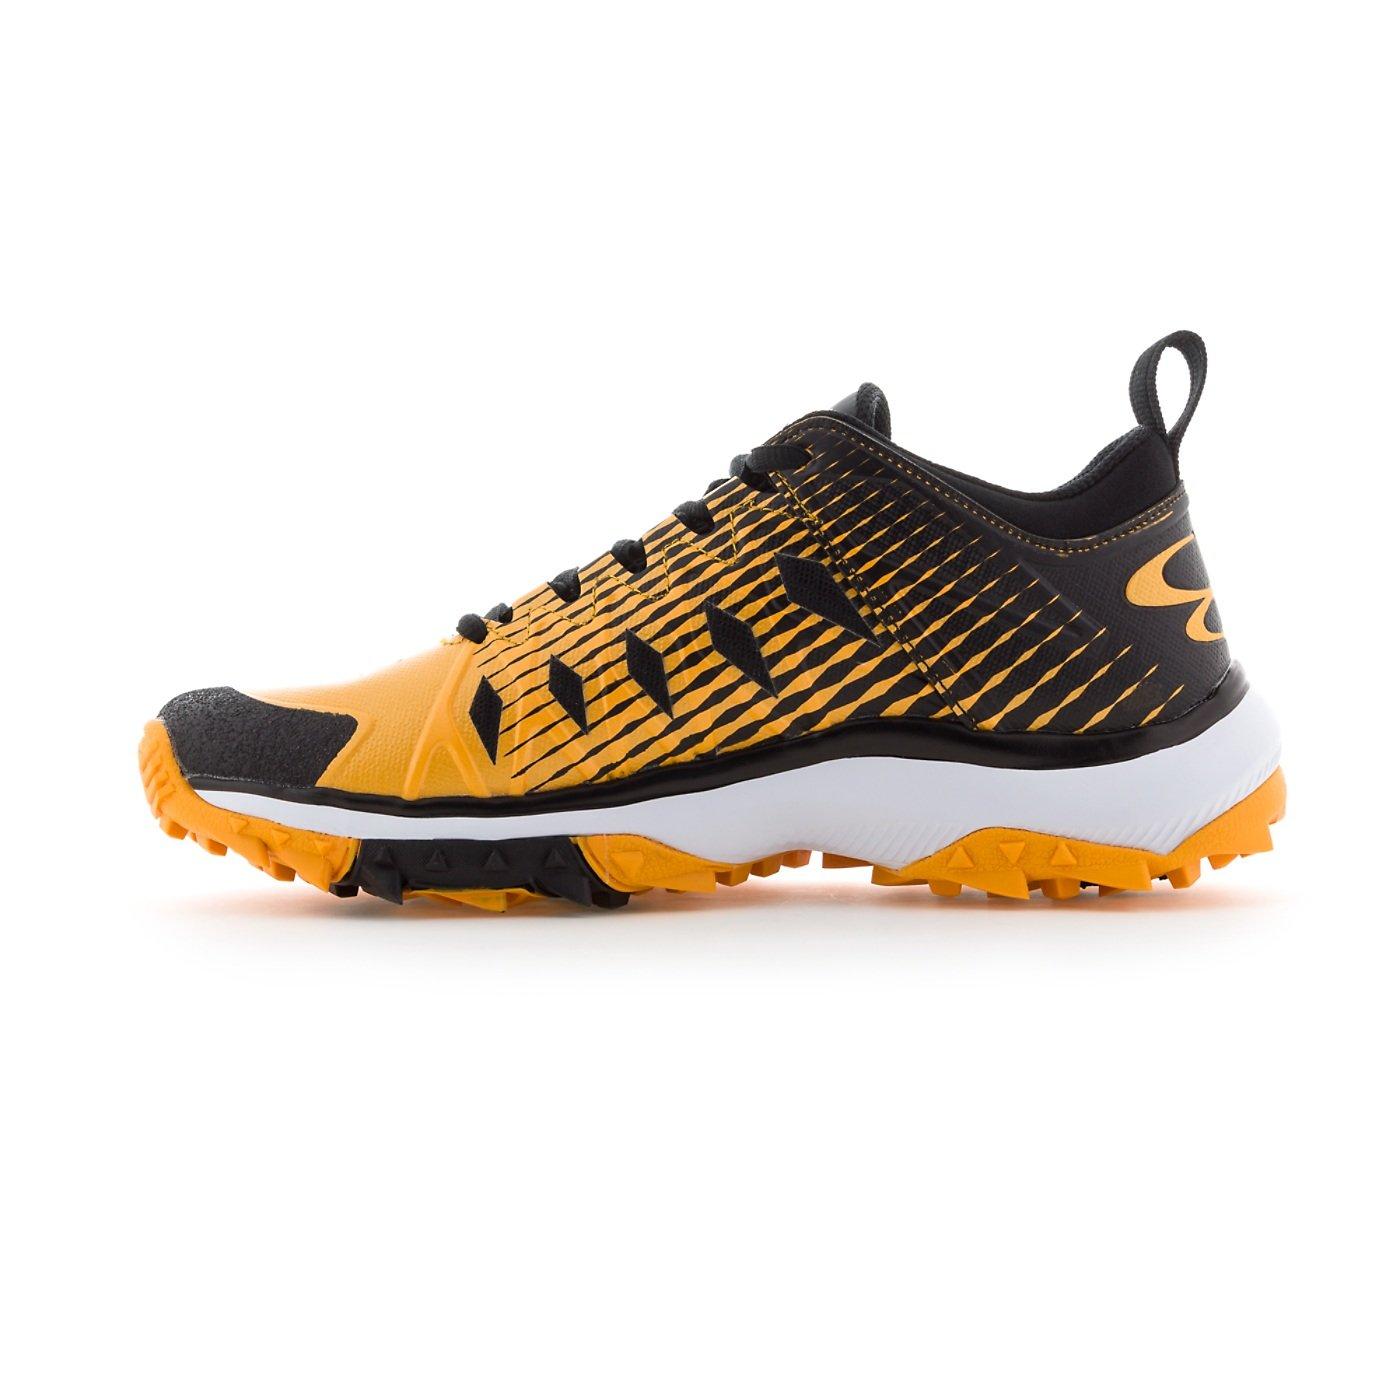 Boombah Women's Squadron Turf Shoes - 14 Color Options - Multiple Sizes B079JZCXN7 9.5|Black/Gold